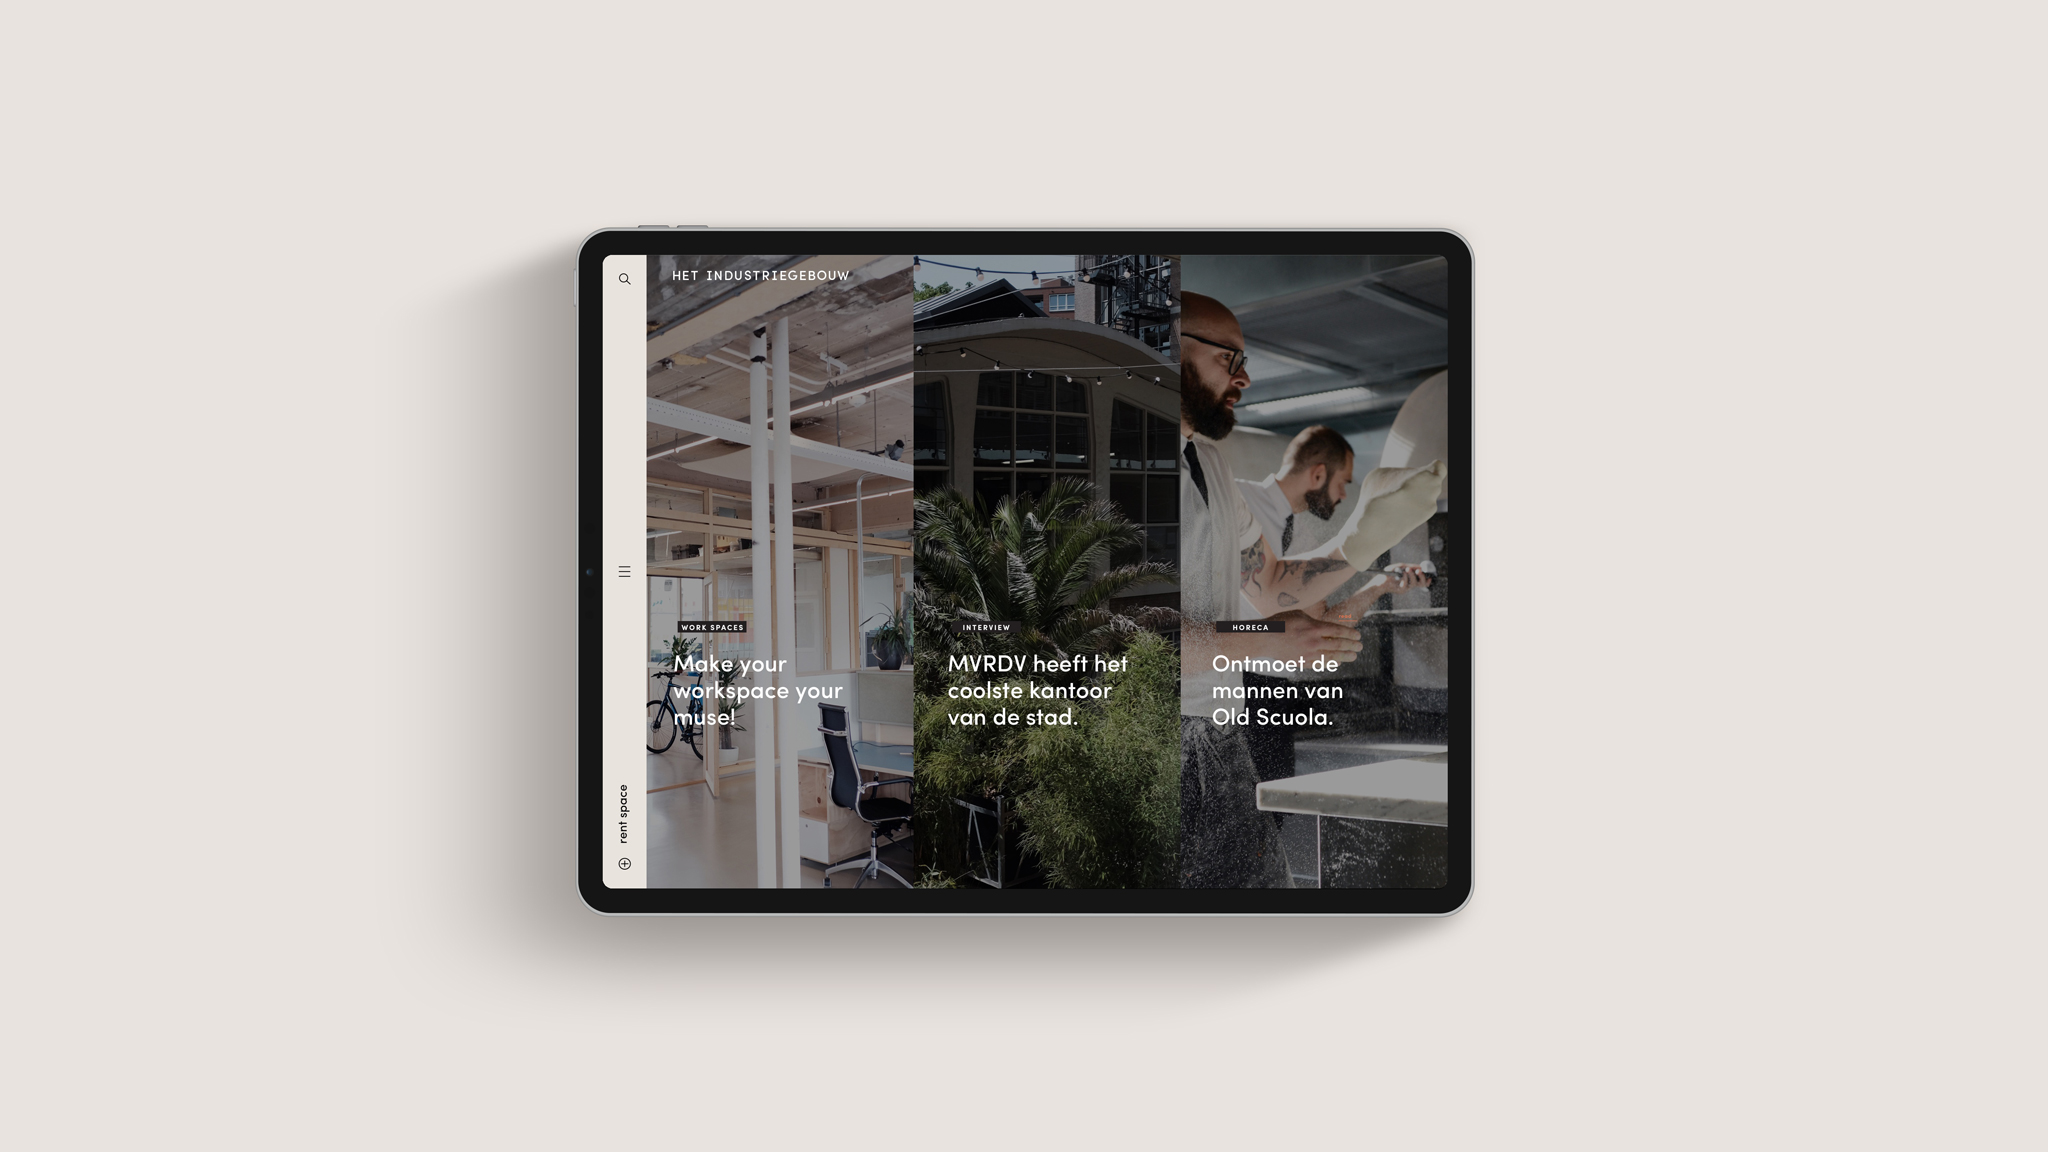 Met-studio-industriegebouw-home-desktop